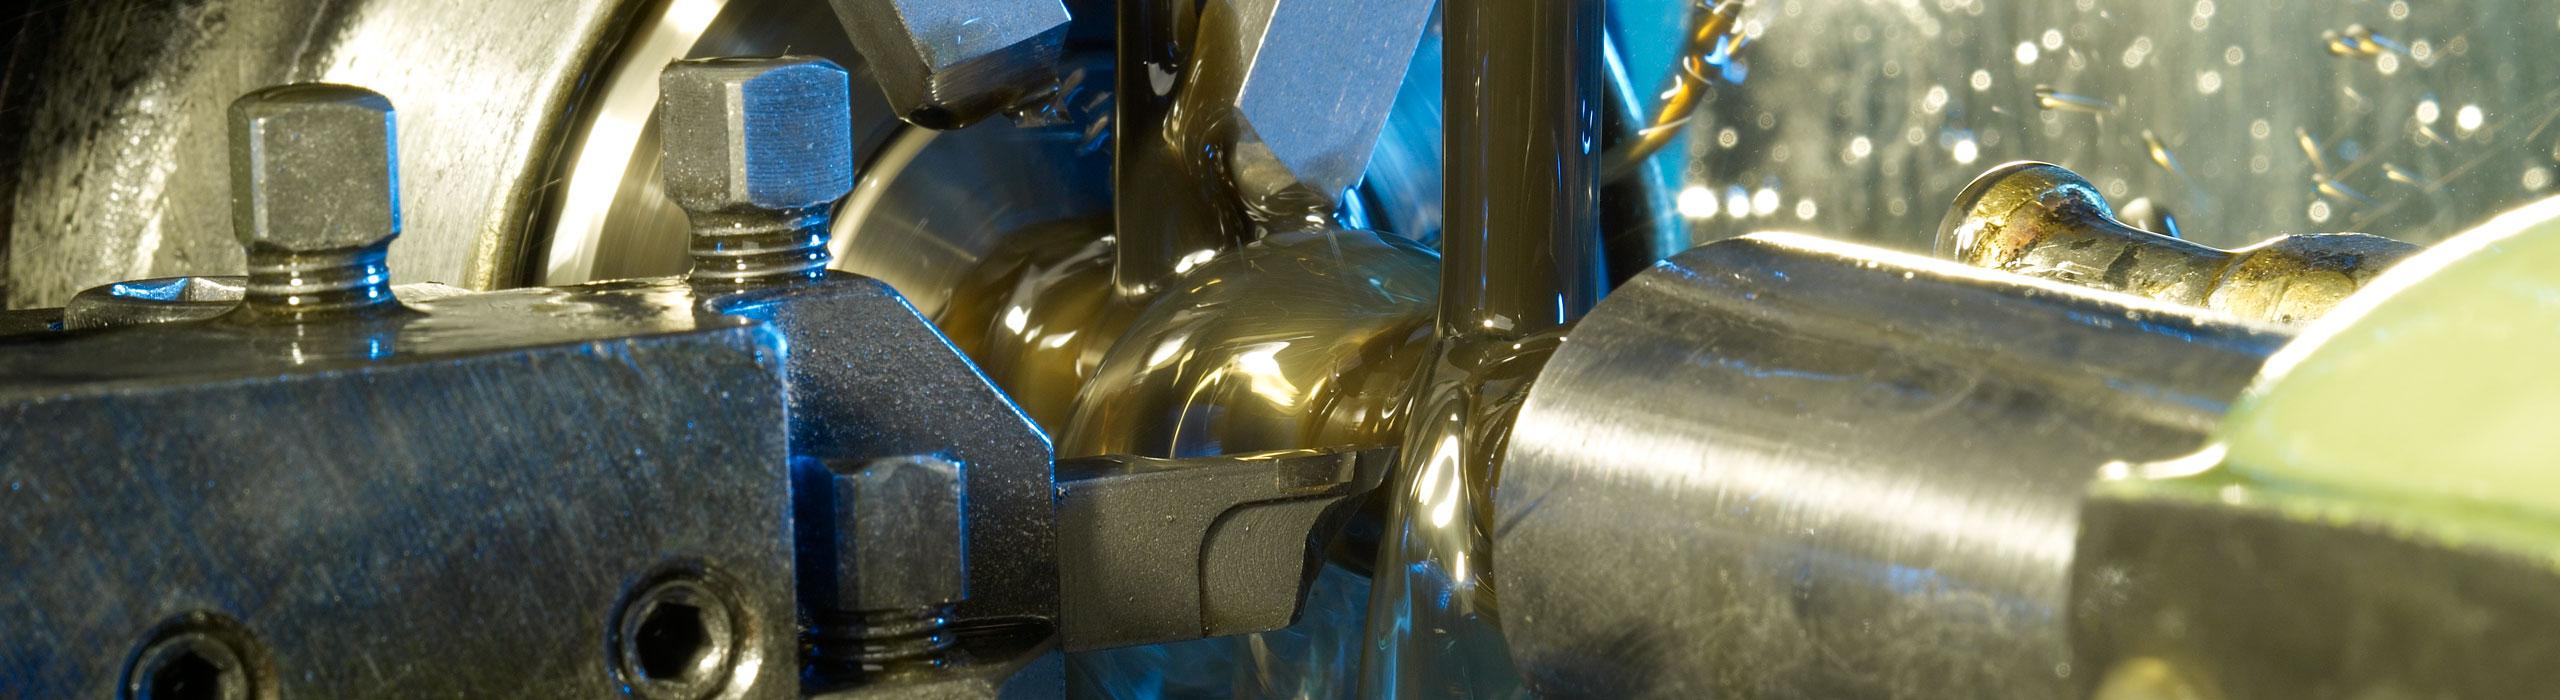 Produkion - Auf einer Fläche von 1.800 qm fertigen wir Ihre Produkte durch unterschiedliche Fertigungsverfahre